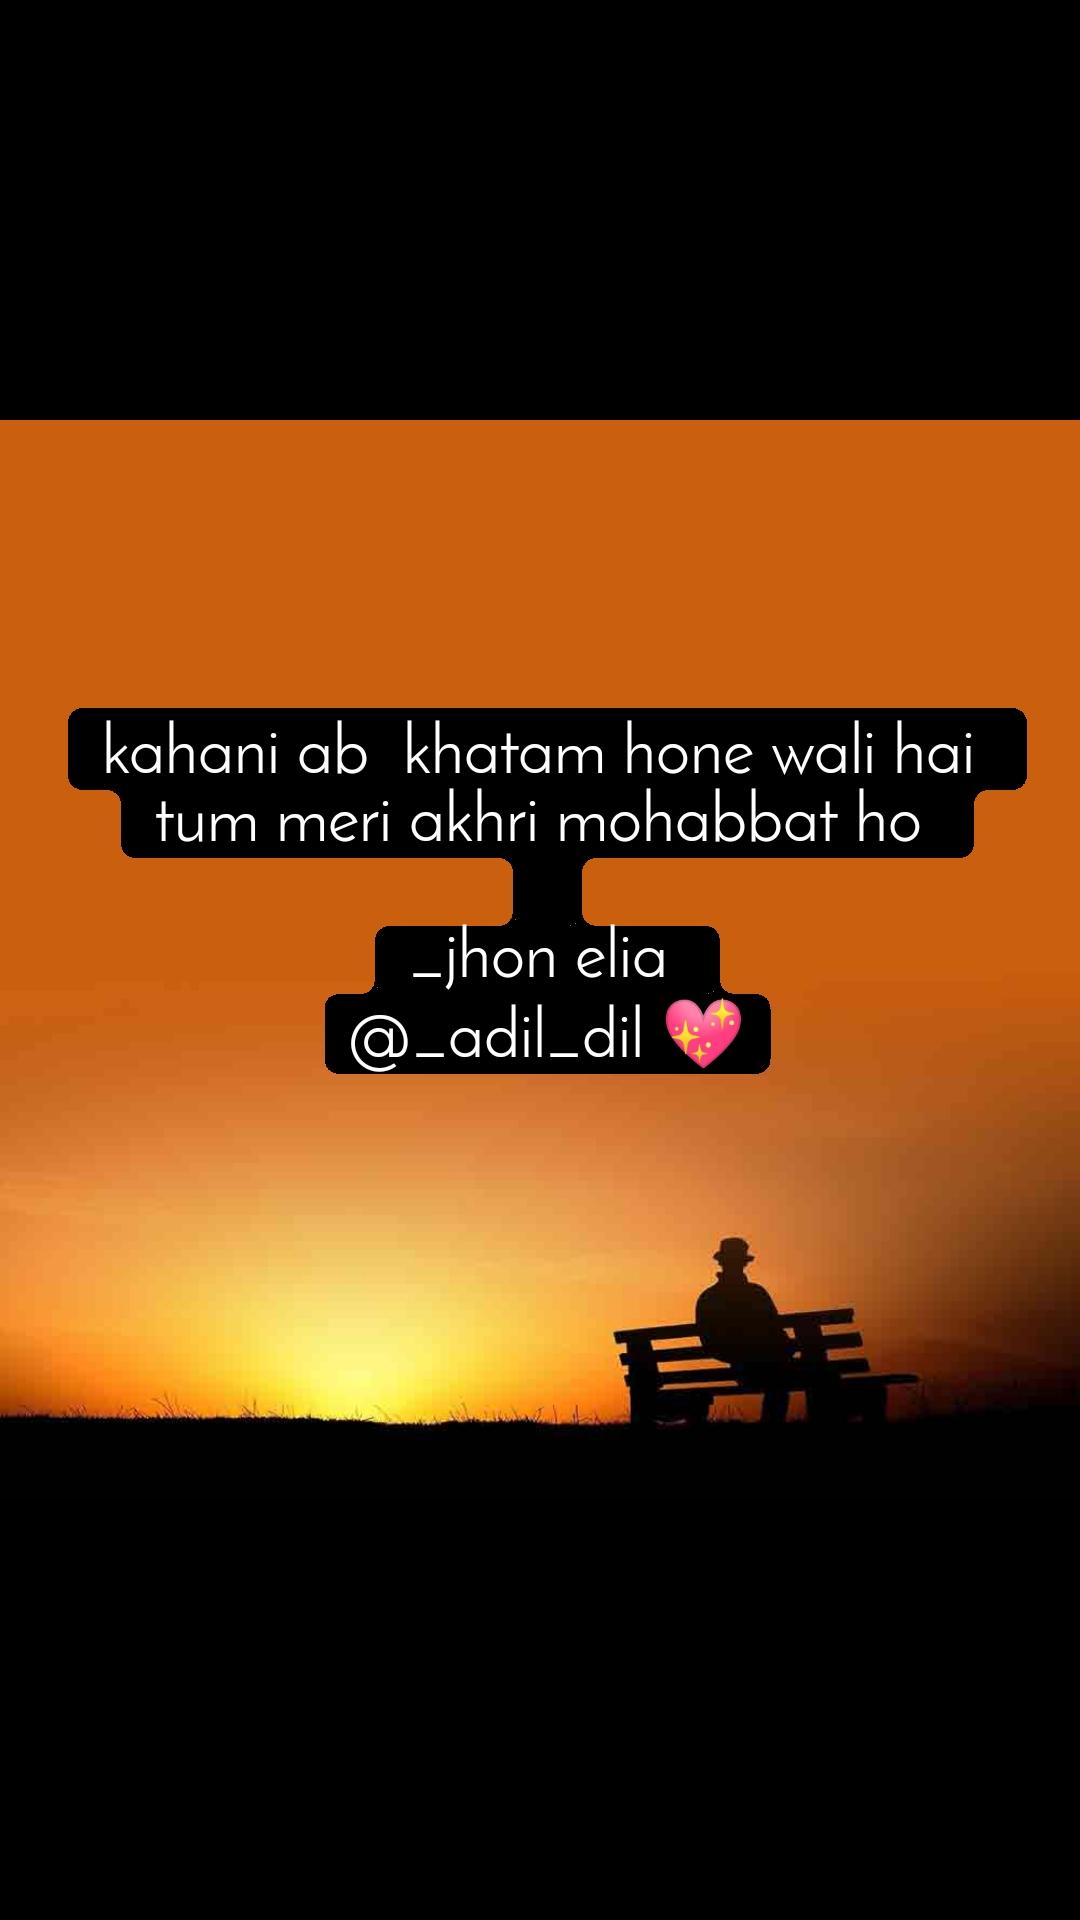 kahani ab  khatam hone wali hai  tum meri akhri mohabbat ho   _jhon elia  @_adil_dil 💖